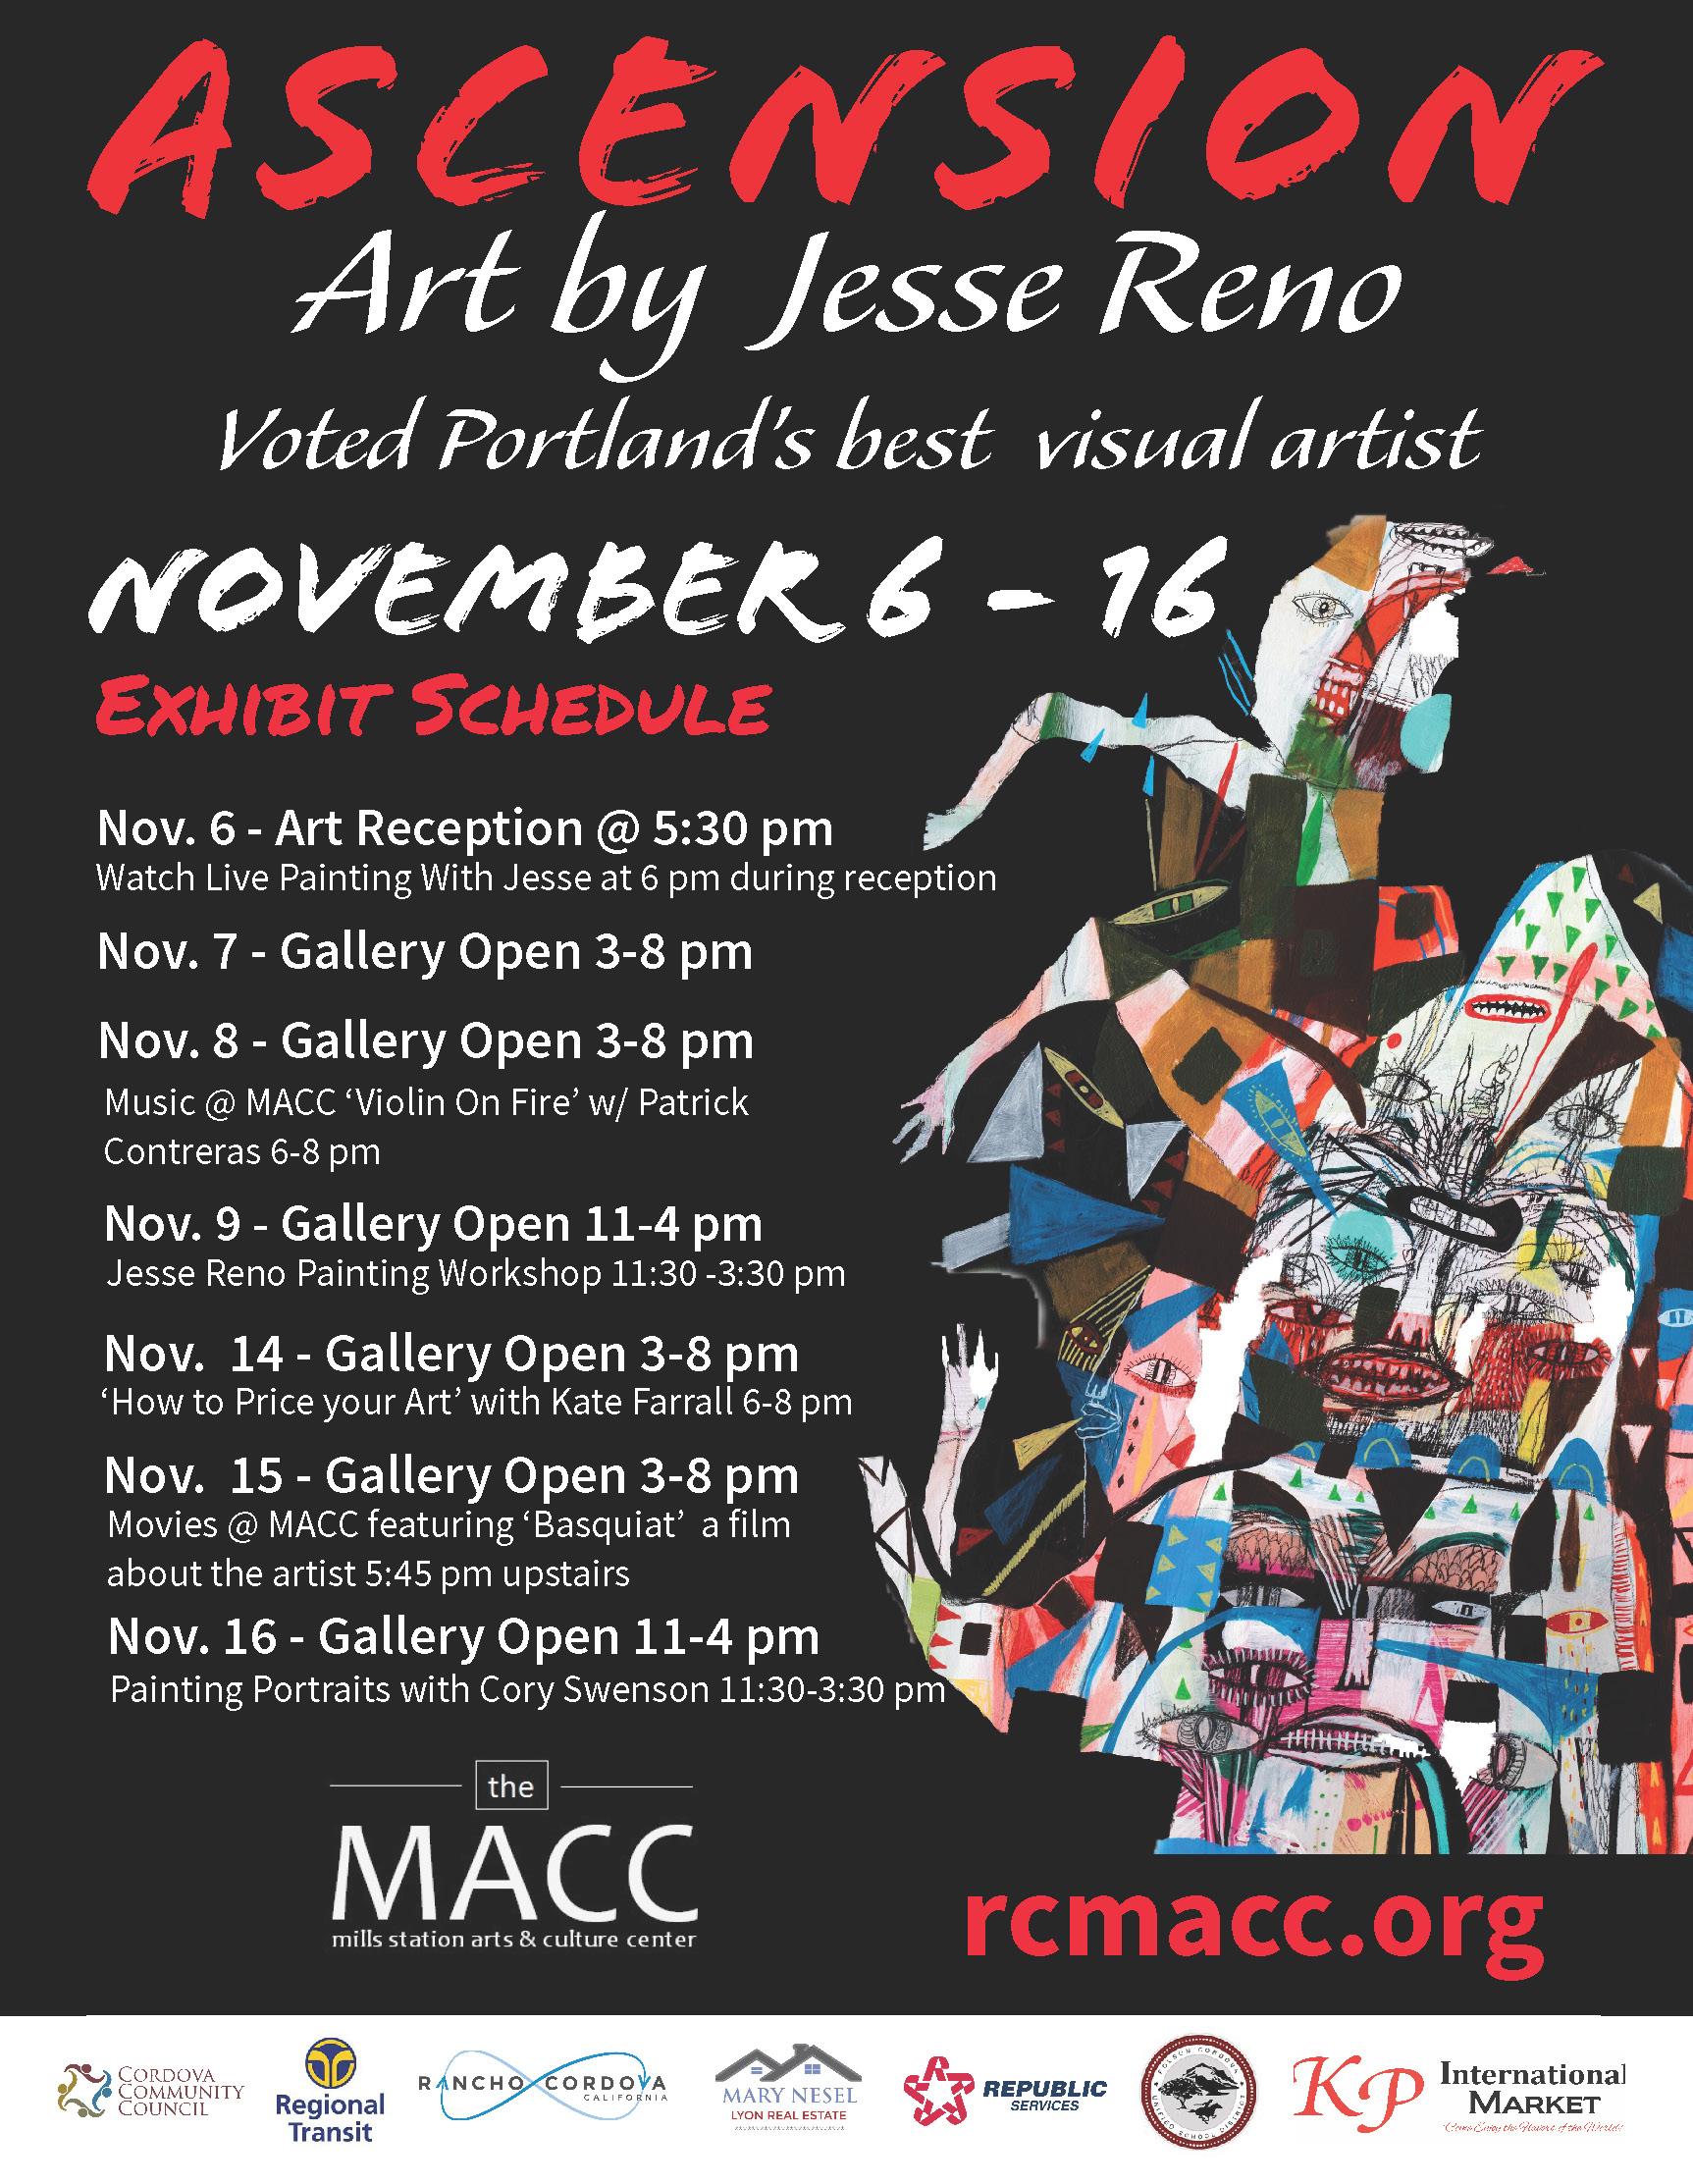 Reno Events Calendar 2022.Ascension Art By Jesse Reno In Rancho Cordova Events Calendar City Of Rancho Cordova